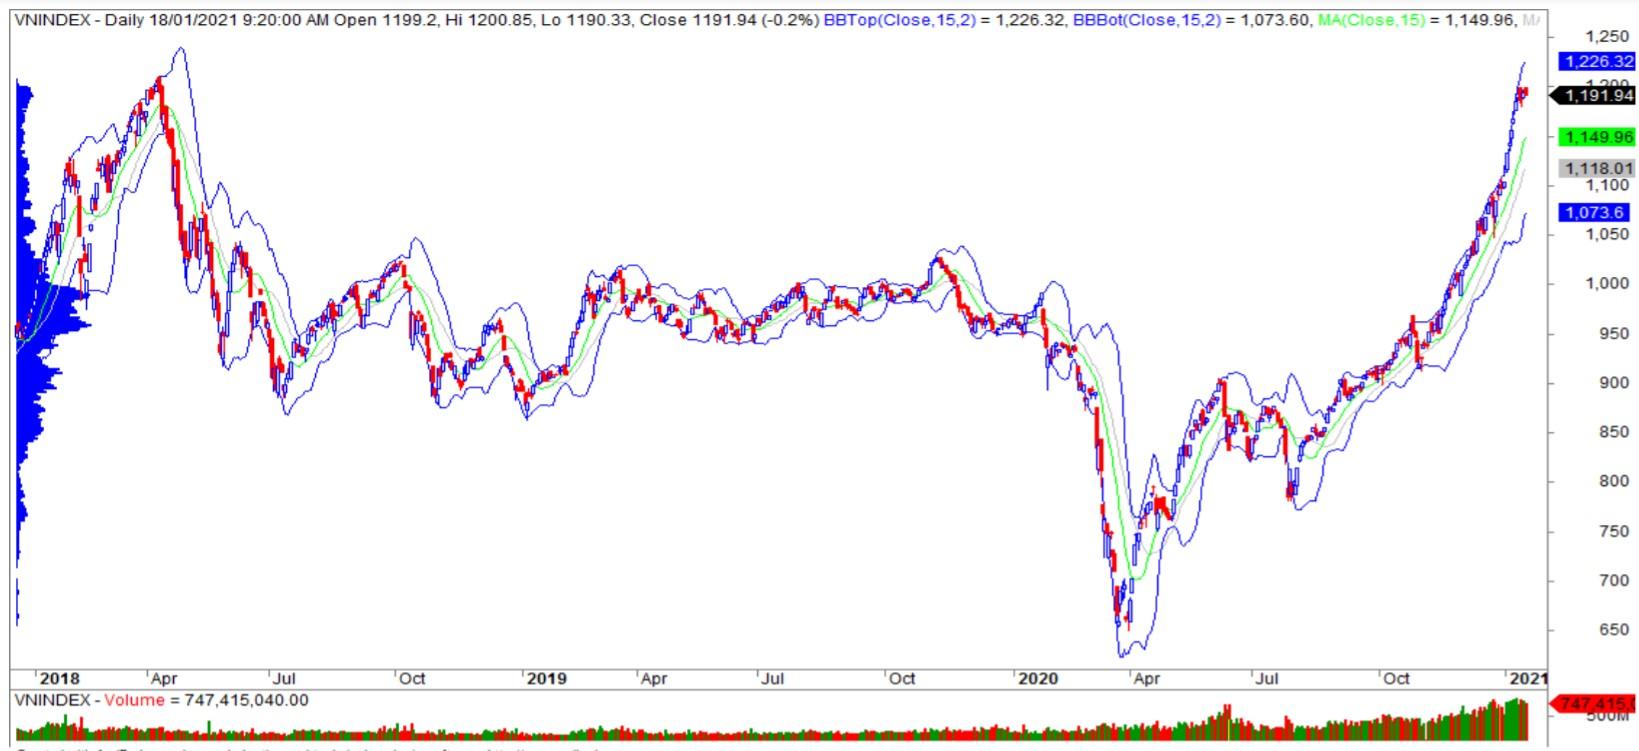 Nhận định thị trường chứng khoán ngày 19/1: VN-Index giằng co quanh ngưỡng 1.200 điểm - Ảnh 1.